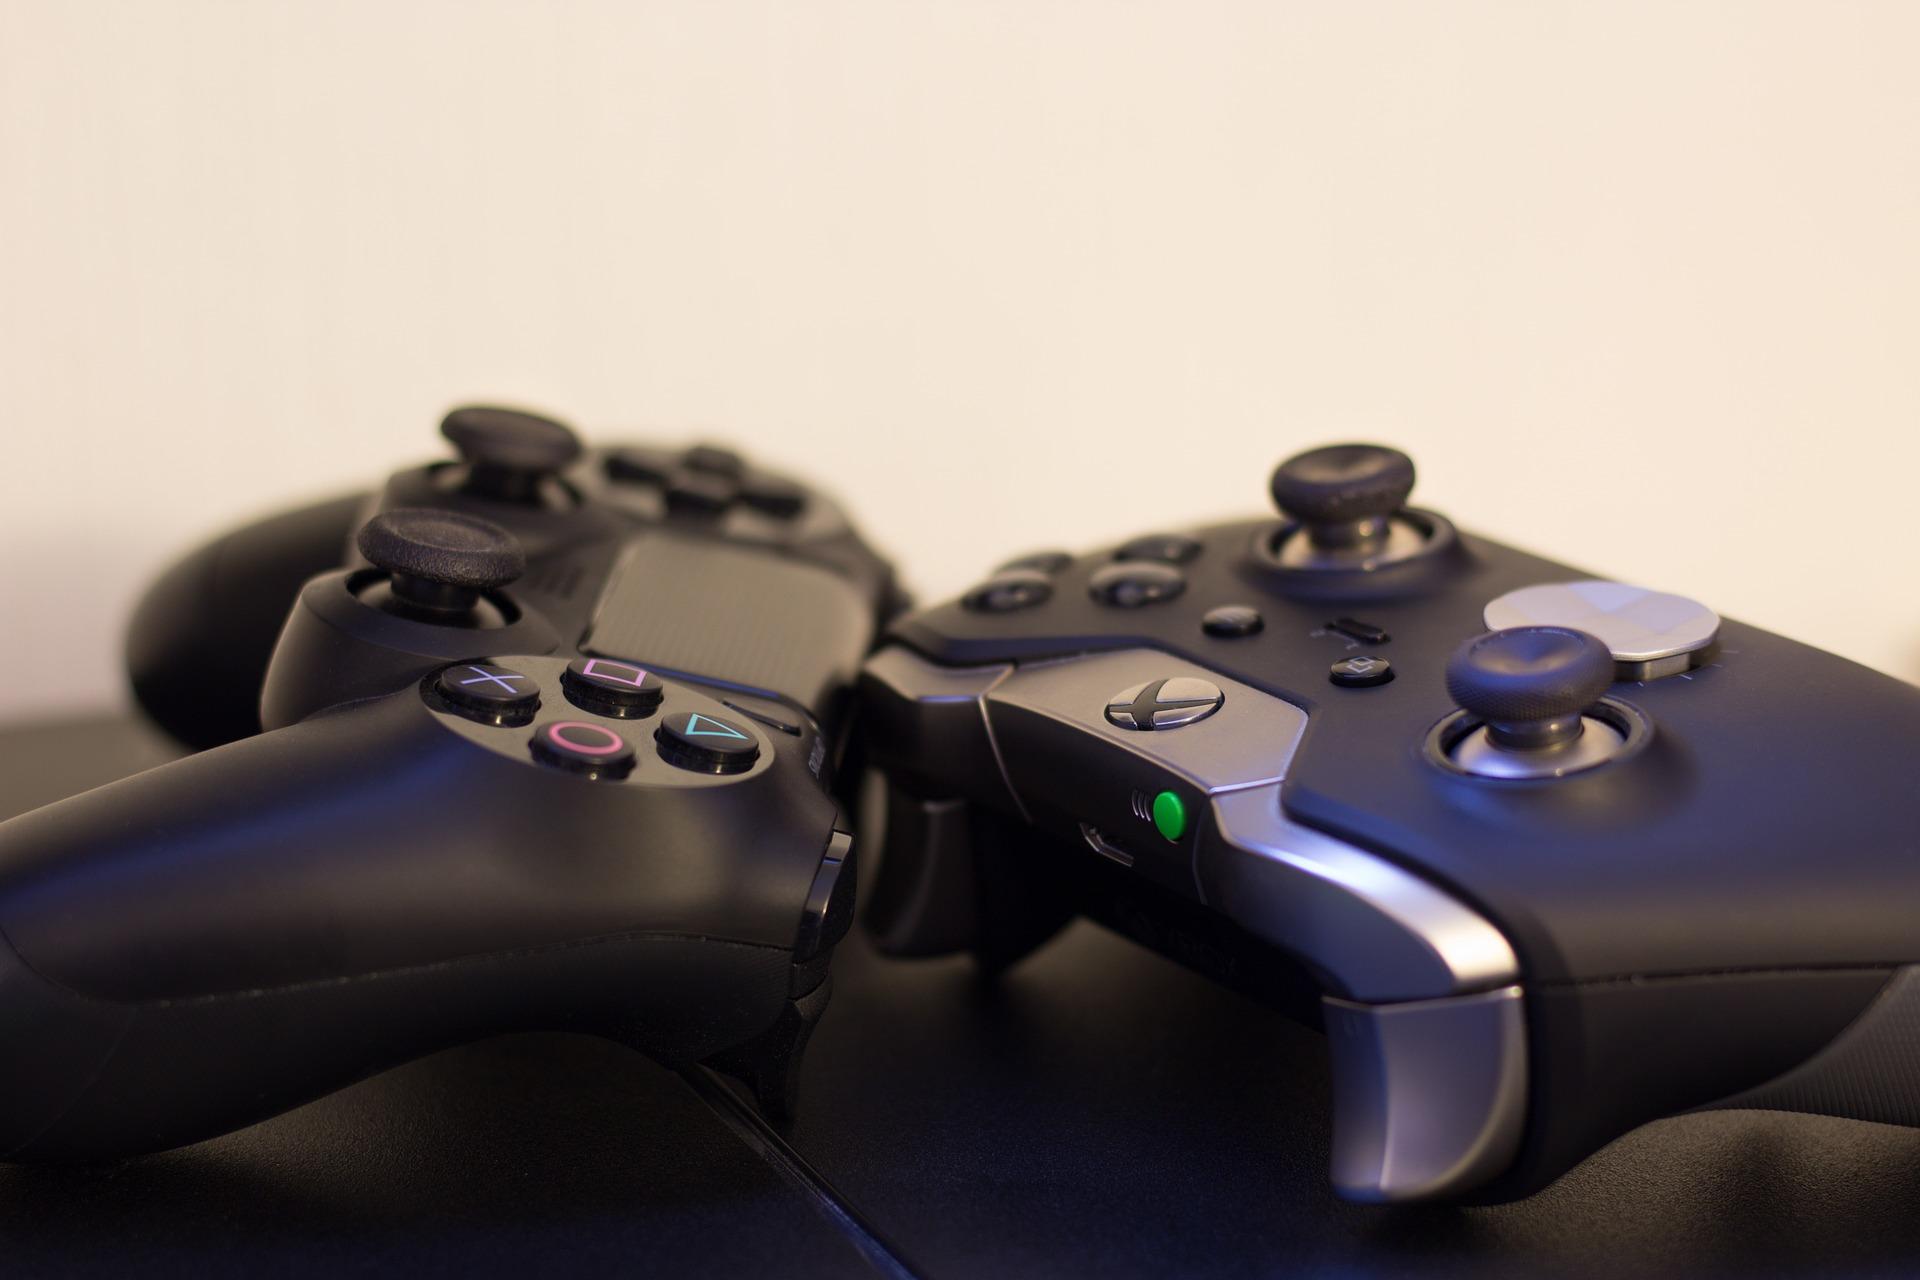 GoogleのクラウドゲームサービスStadiaとは?5つの特徴や課題を解説